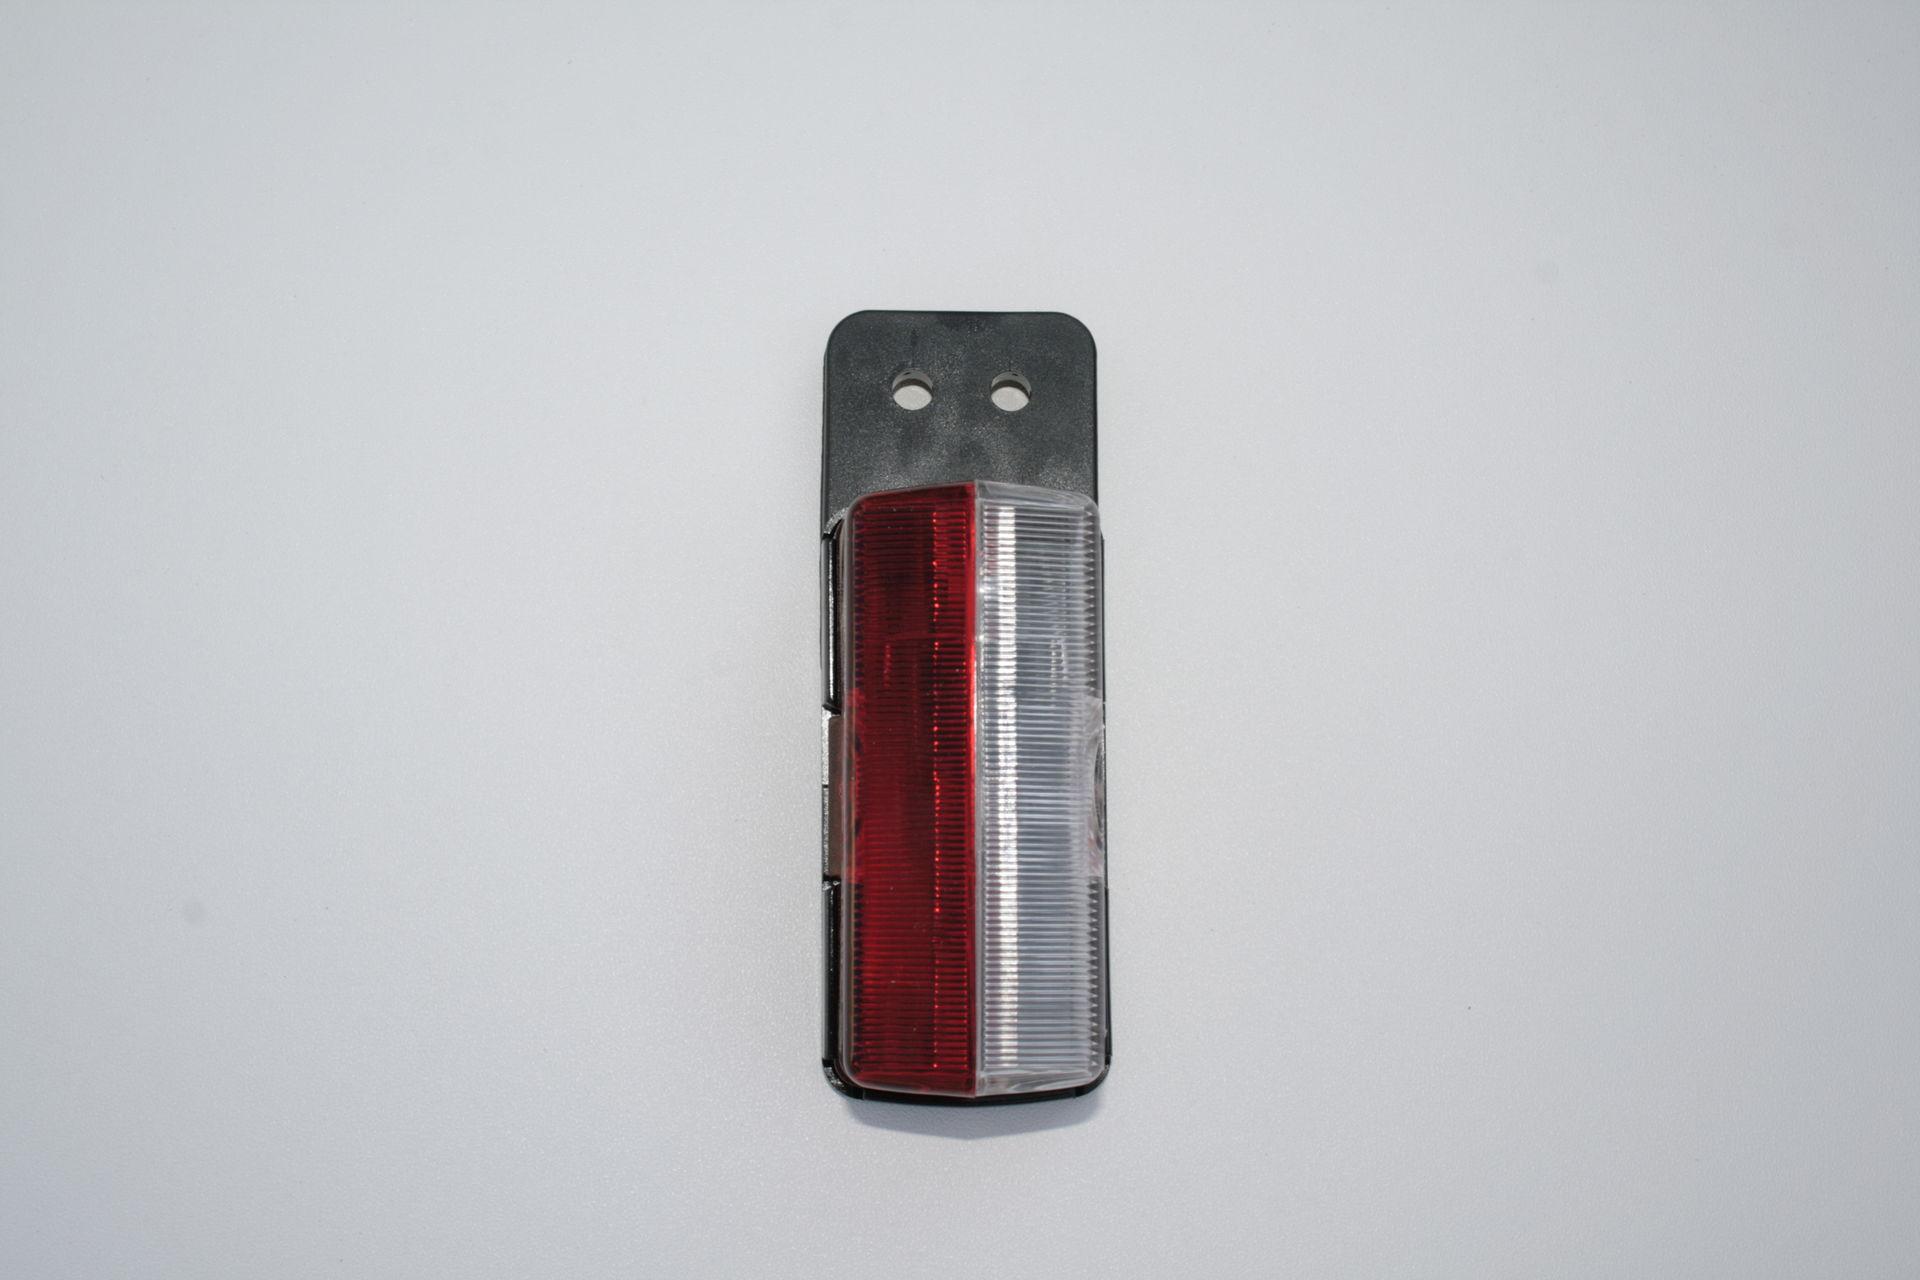 Poziční světlo červenobílé s gumovým držákem